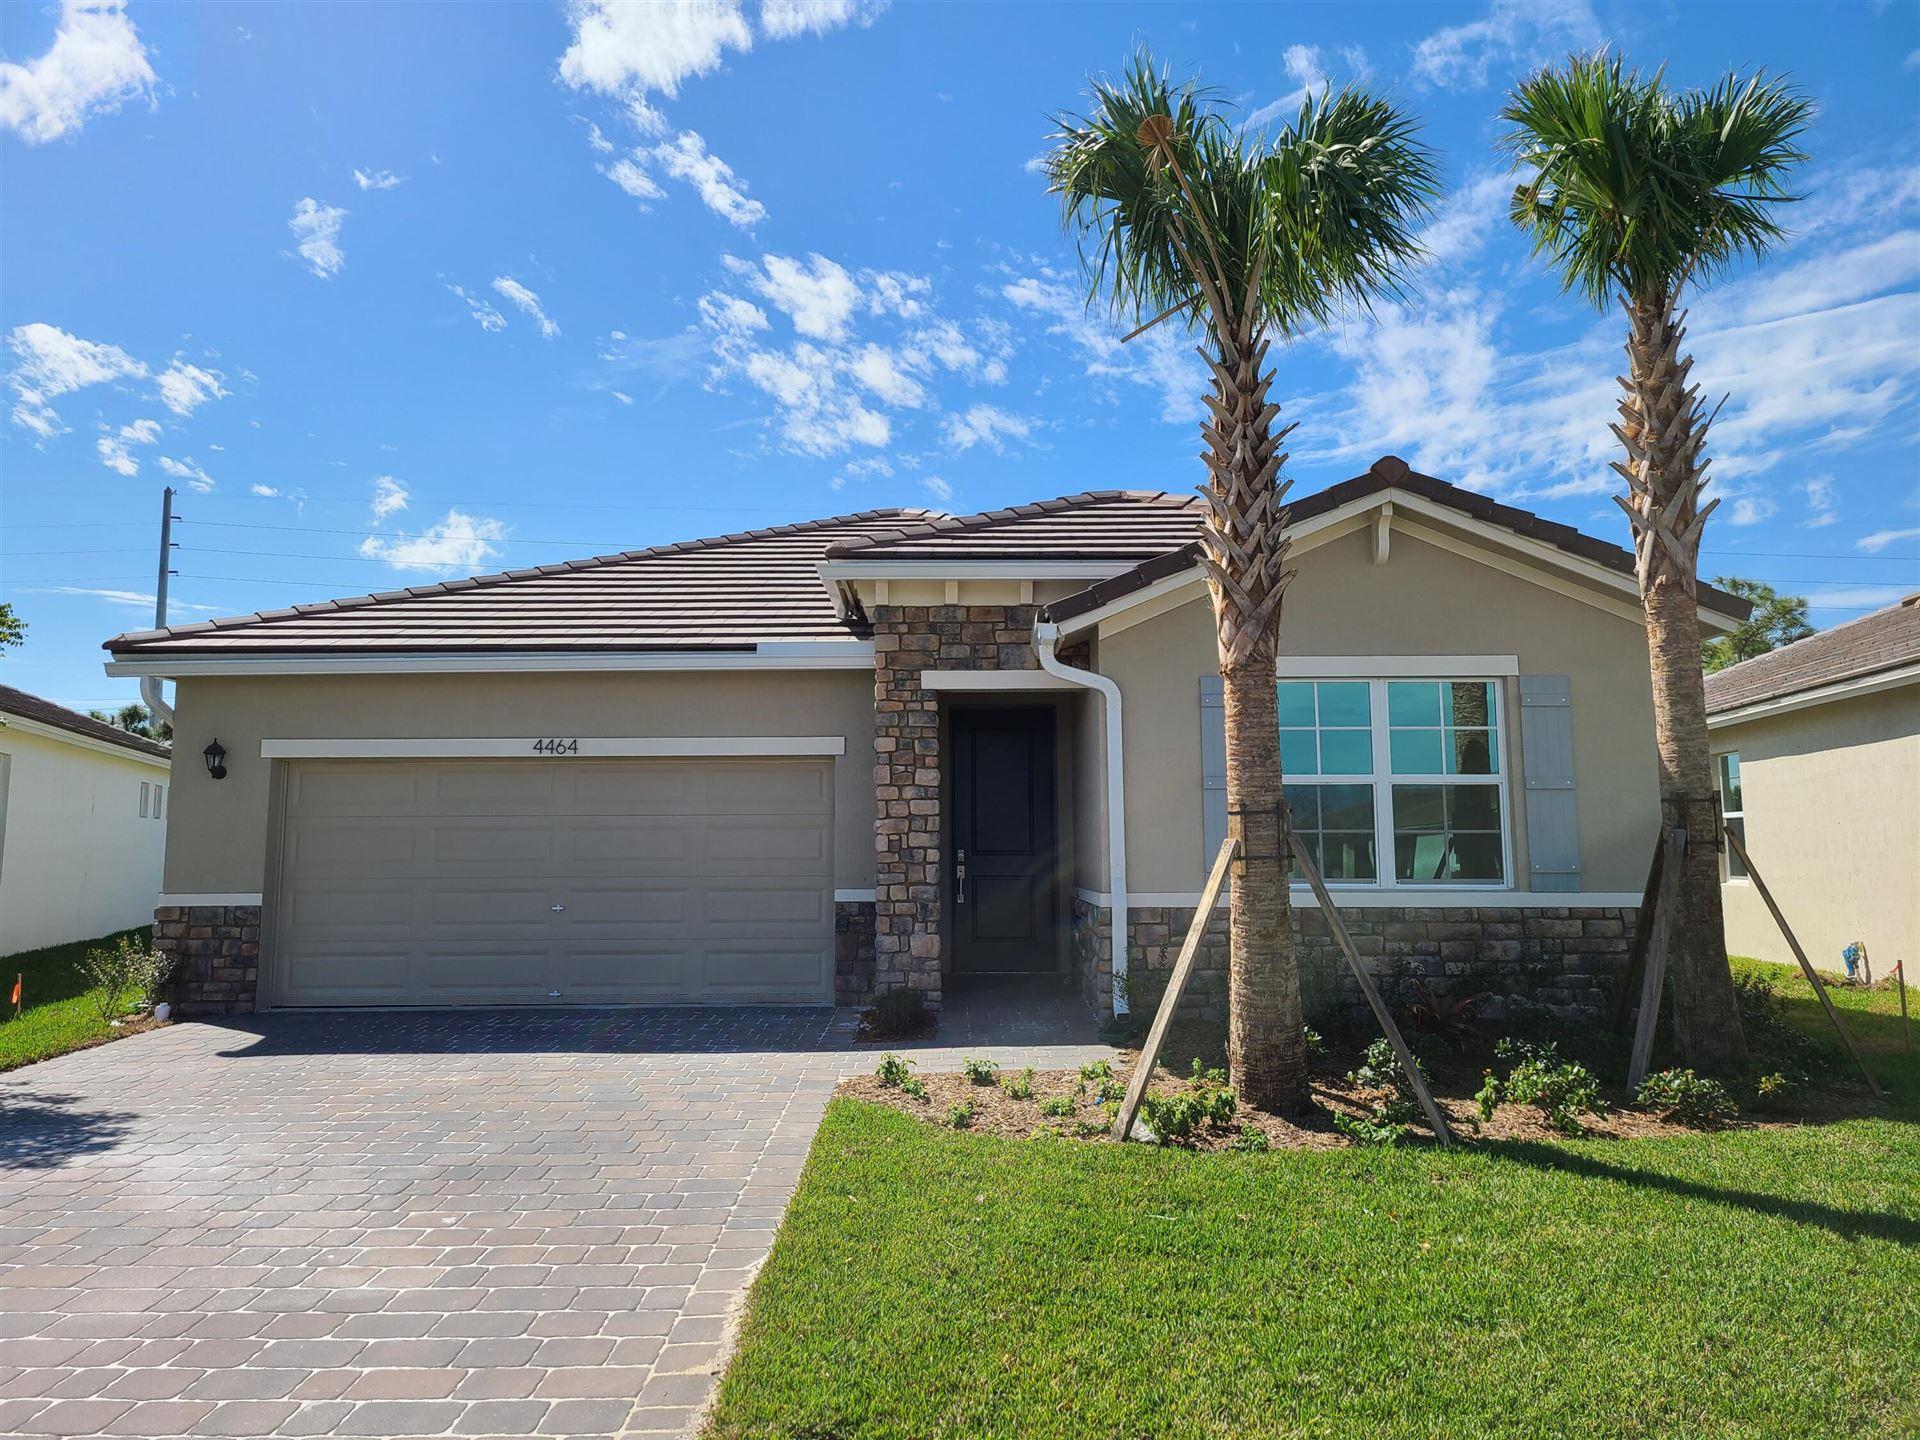 4464 NW King Court, Jensen Beach, FL 34957 - #: RX-10691876